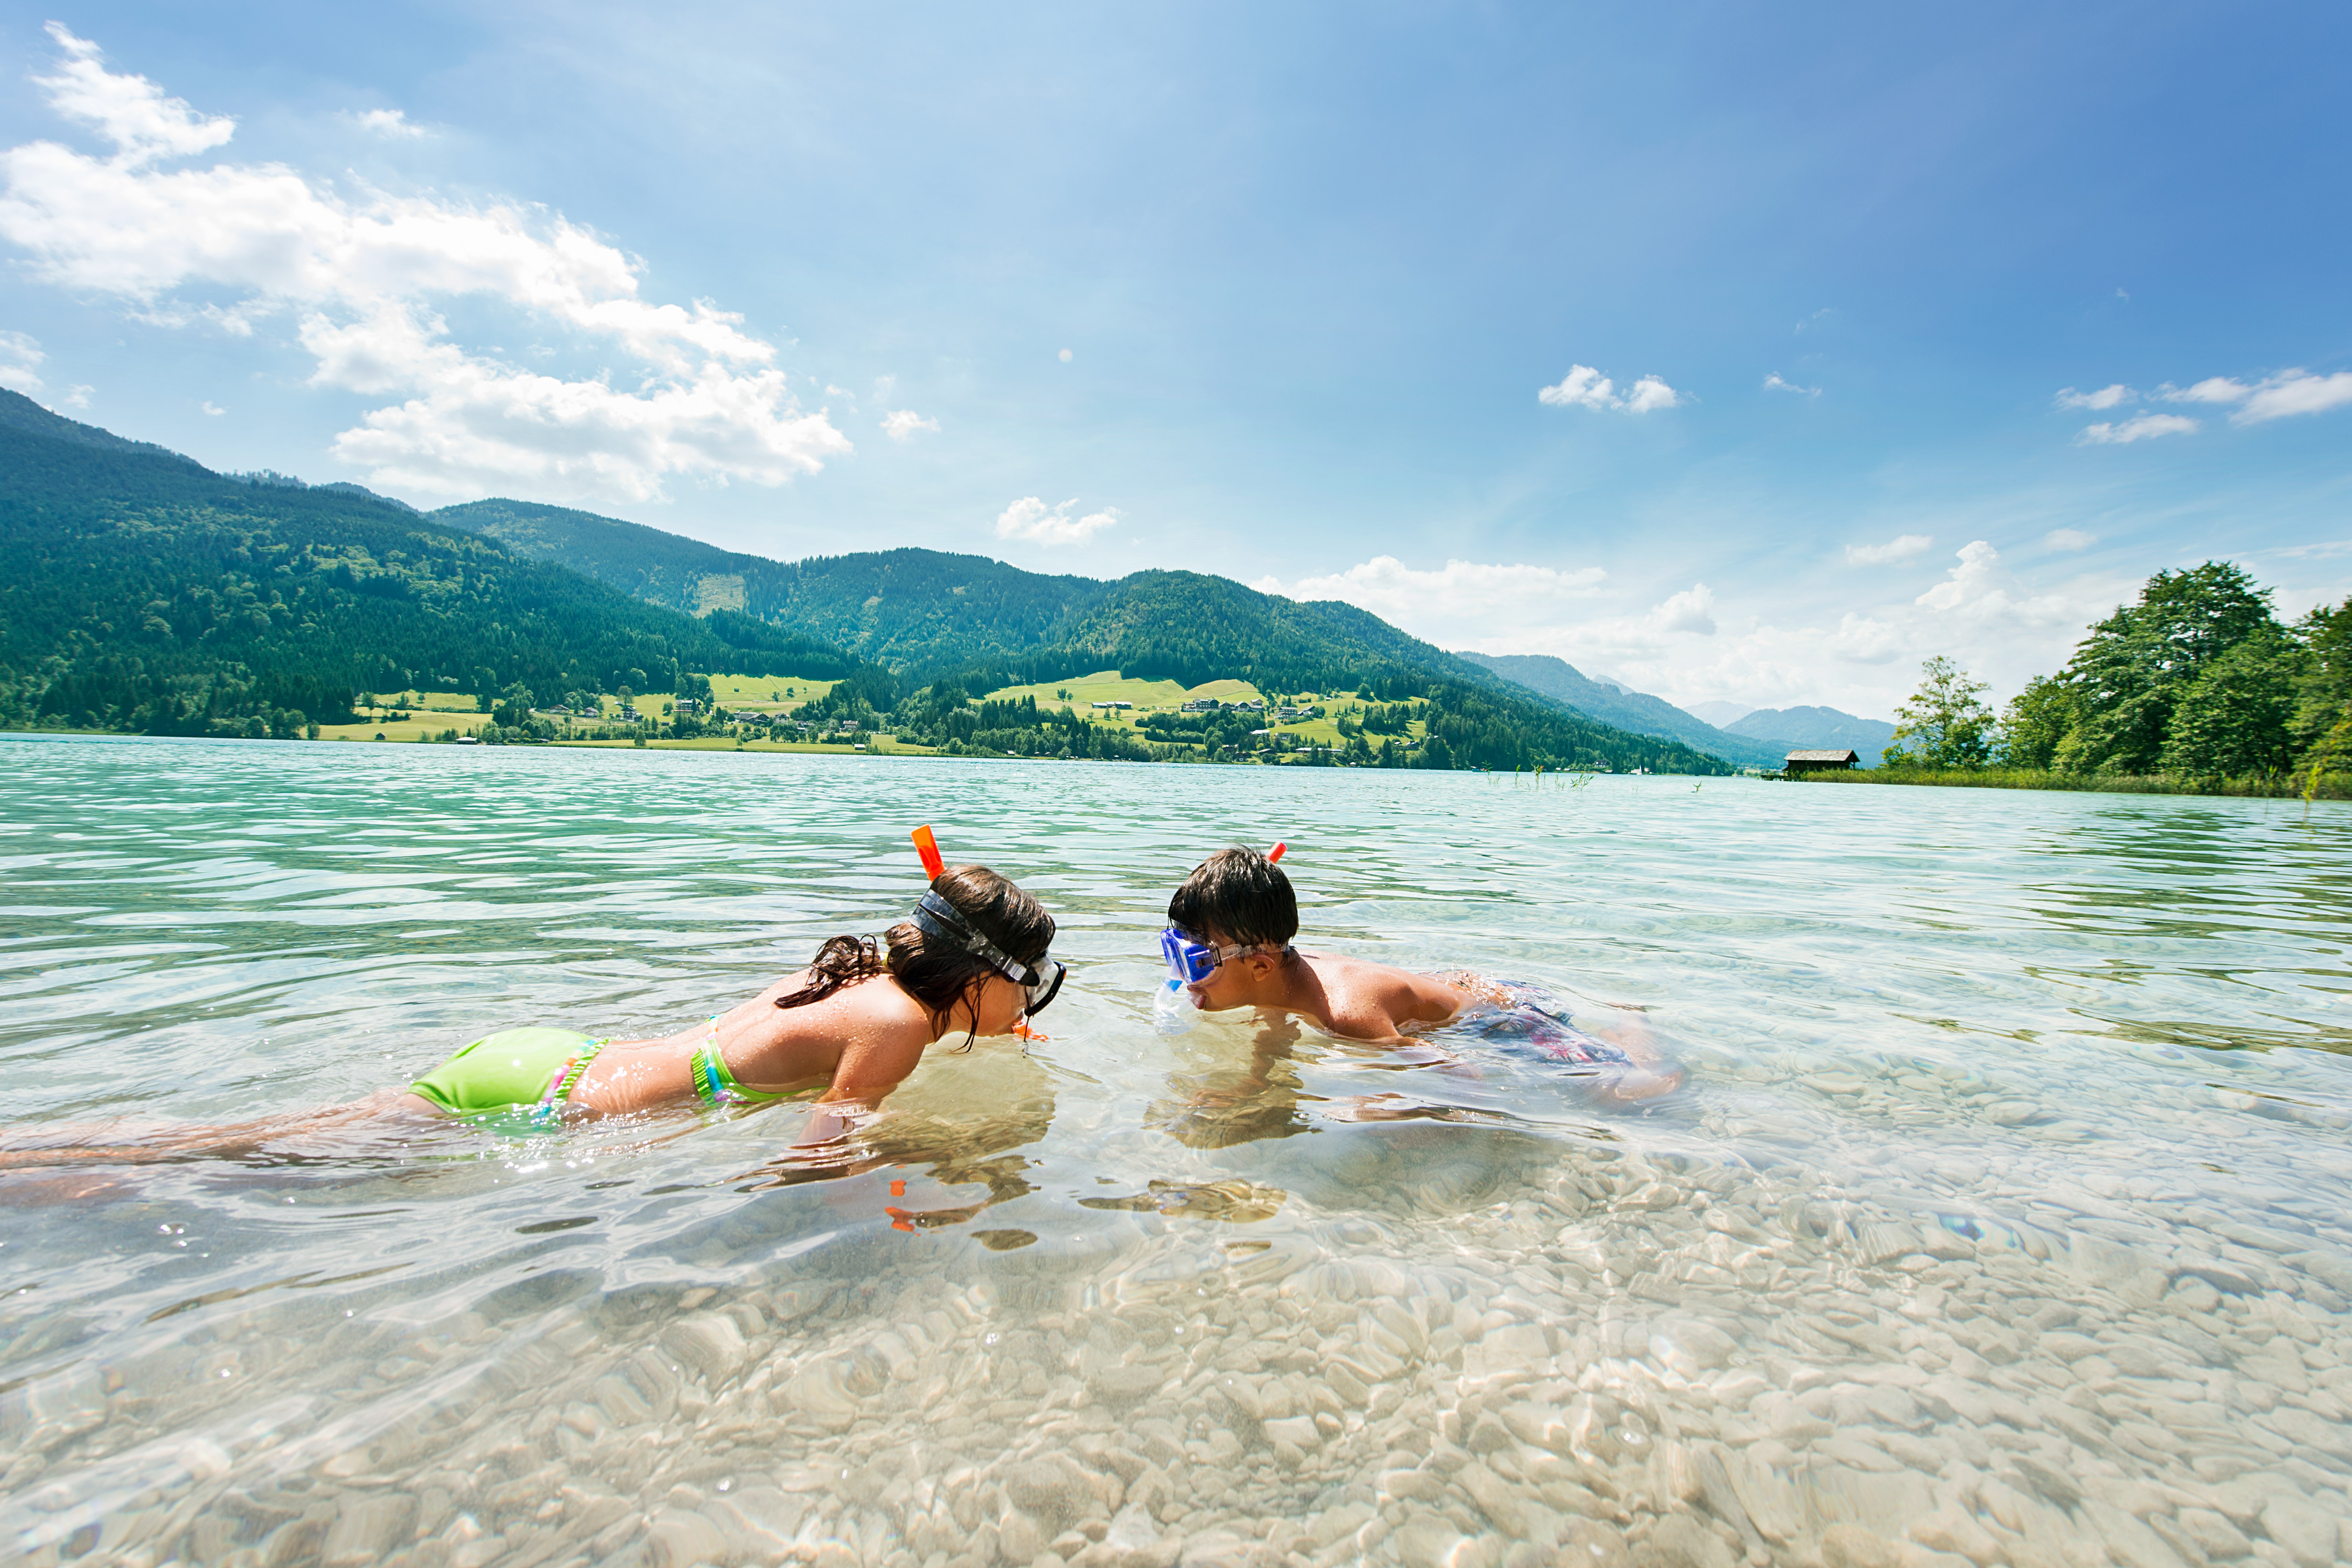 Kinderen duiken in de Weissensee